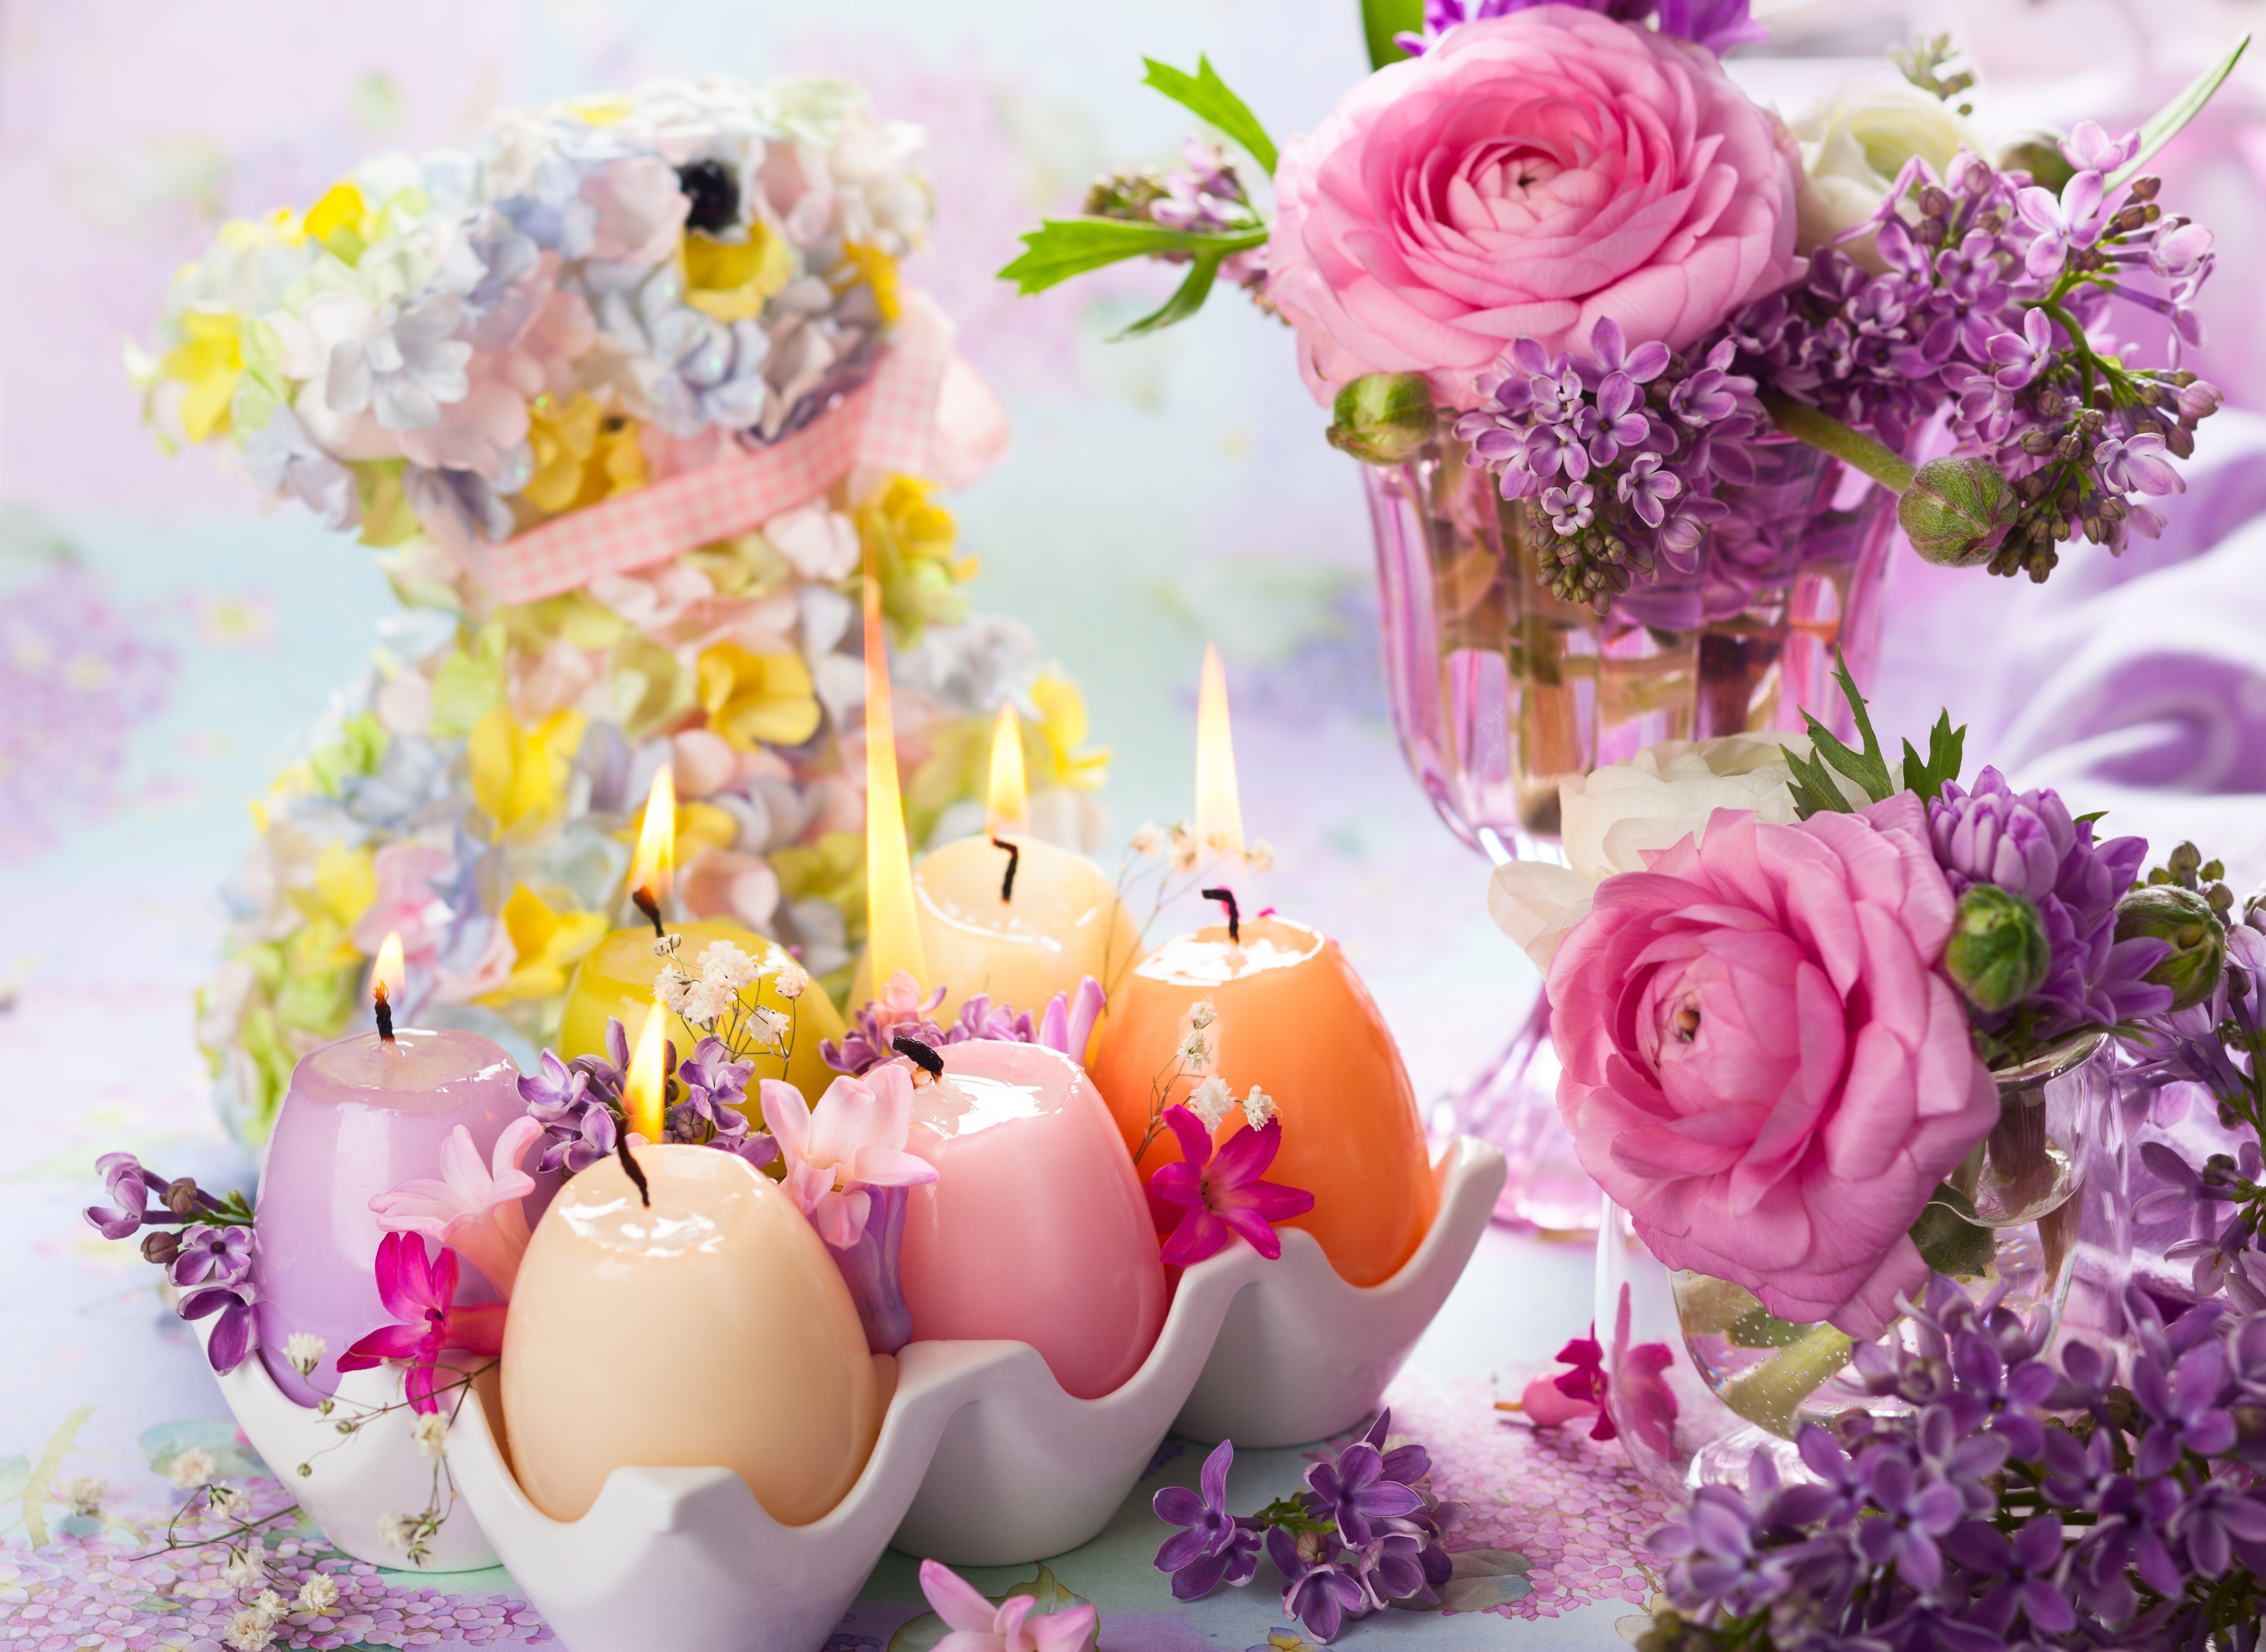 цветы свечи  № 1504314 загрузить